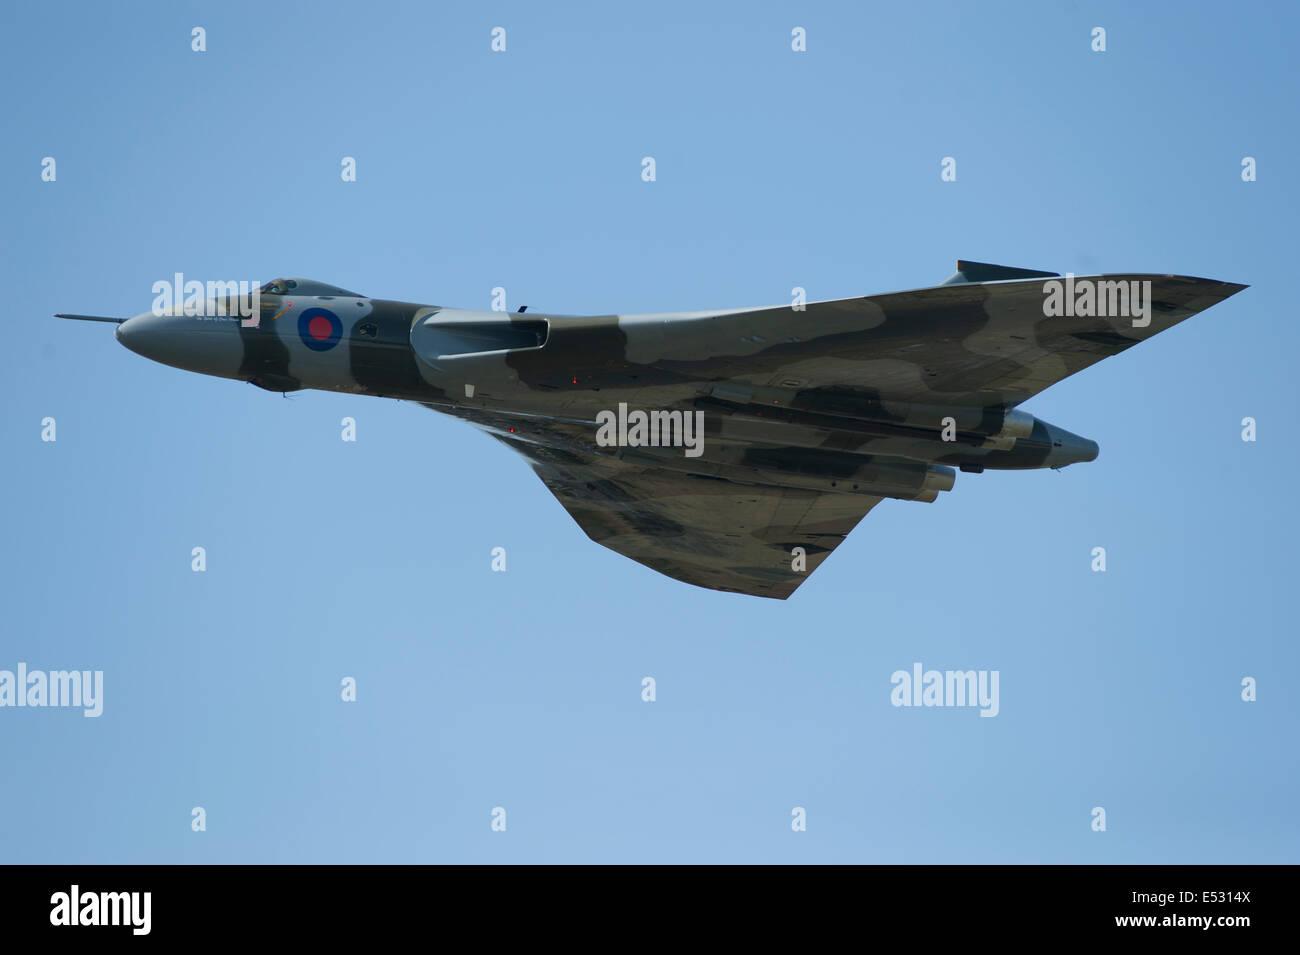 Farnborough Aerodrome, Hampshire, UK. 18th July, 2014. The international aerospace exhibition is the UK's biggest - Stock Image